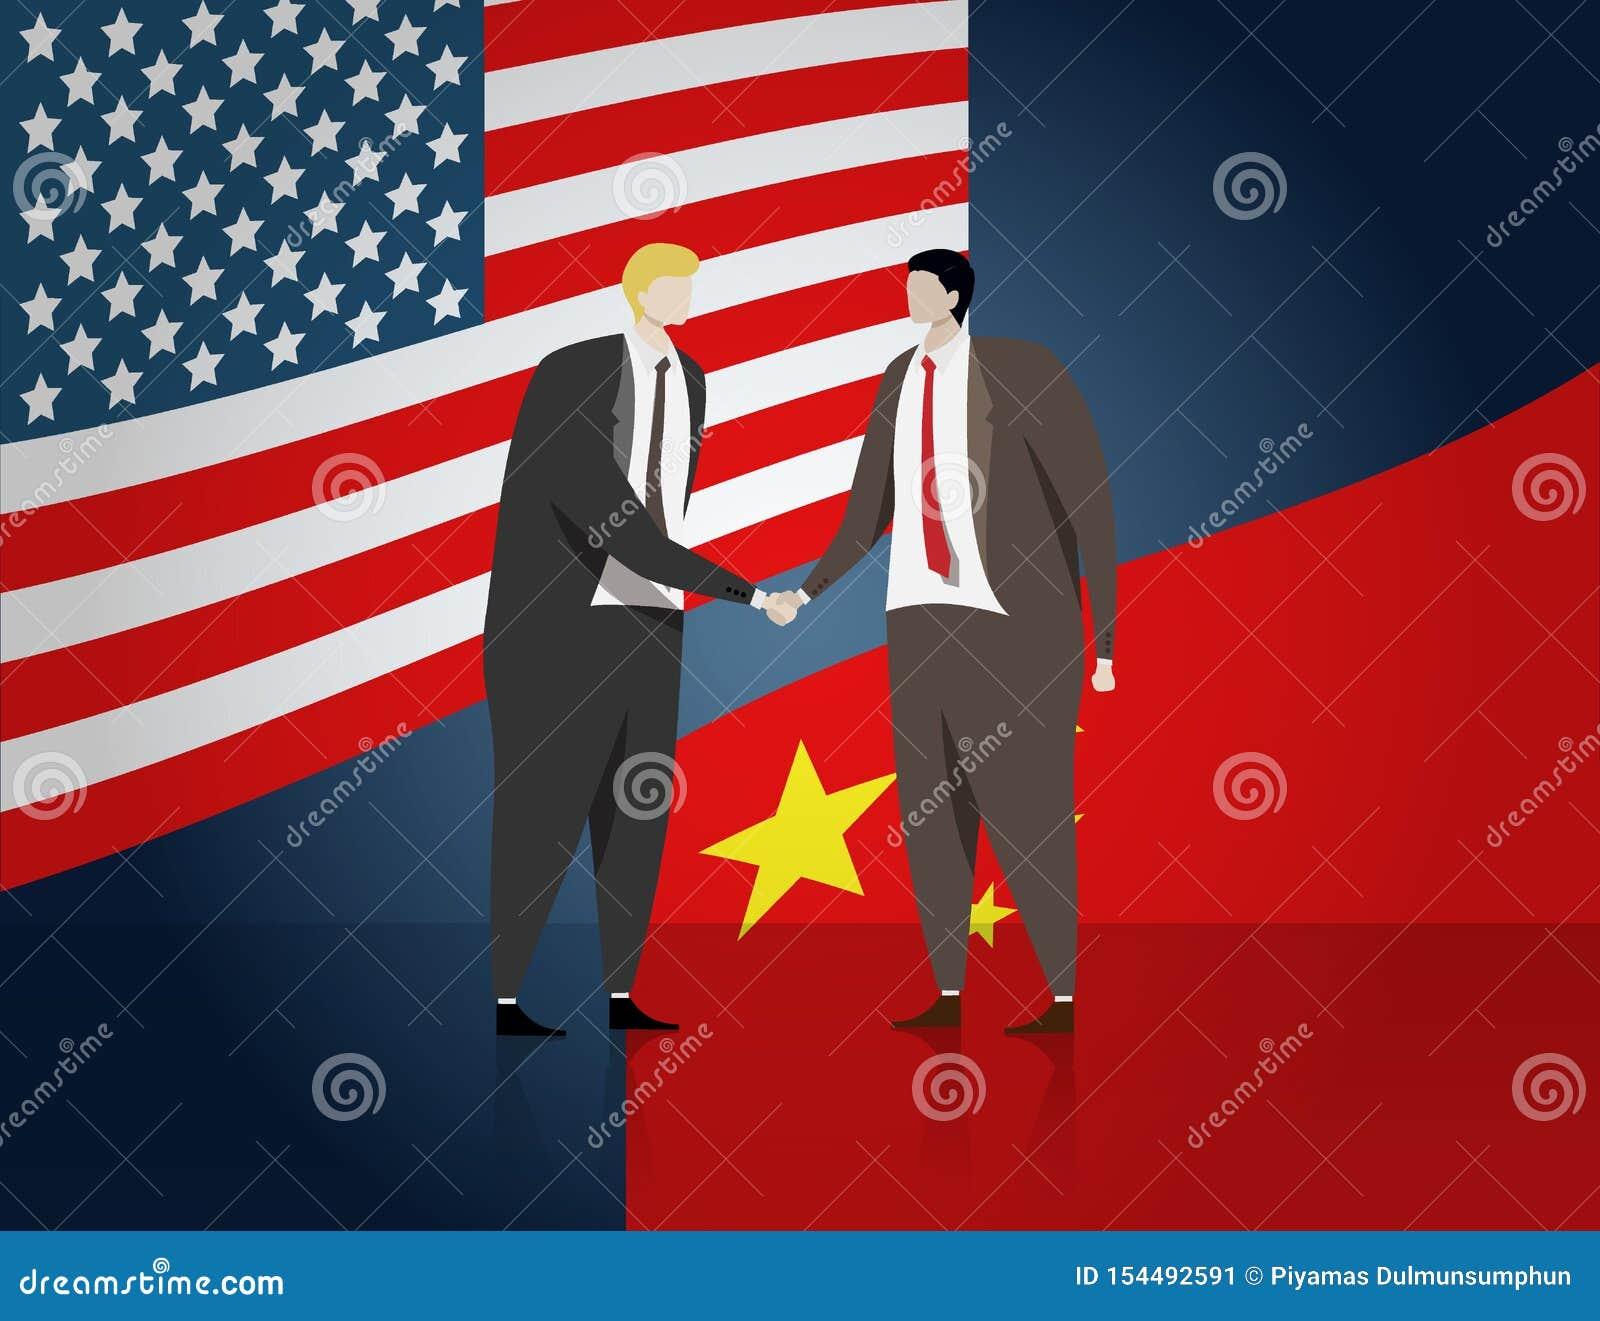 Hommes d affaires serrant la main pour pour faire une affaire des affaires, le drapeau des Etats-Unis et la Chine au fond Les Eta